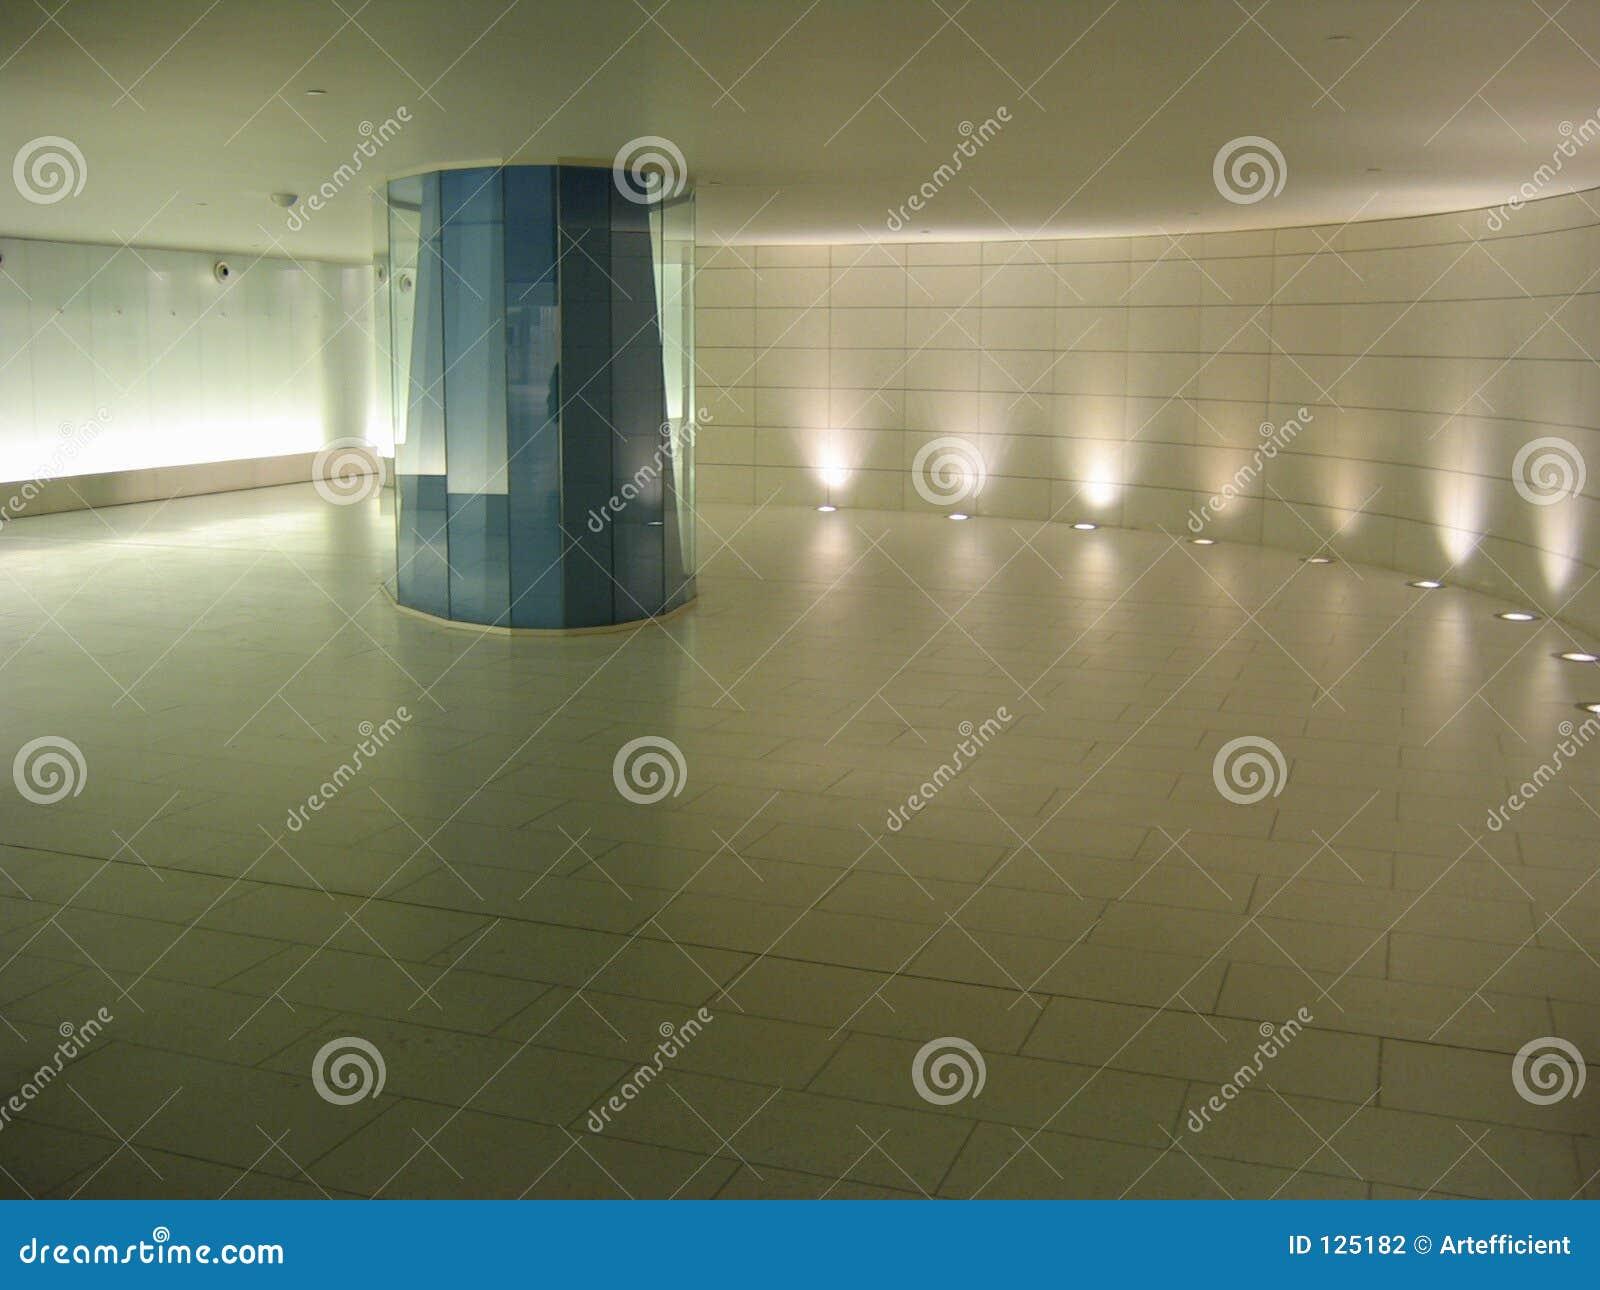 Colomn de vidro azul em um corredor subterrâneo